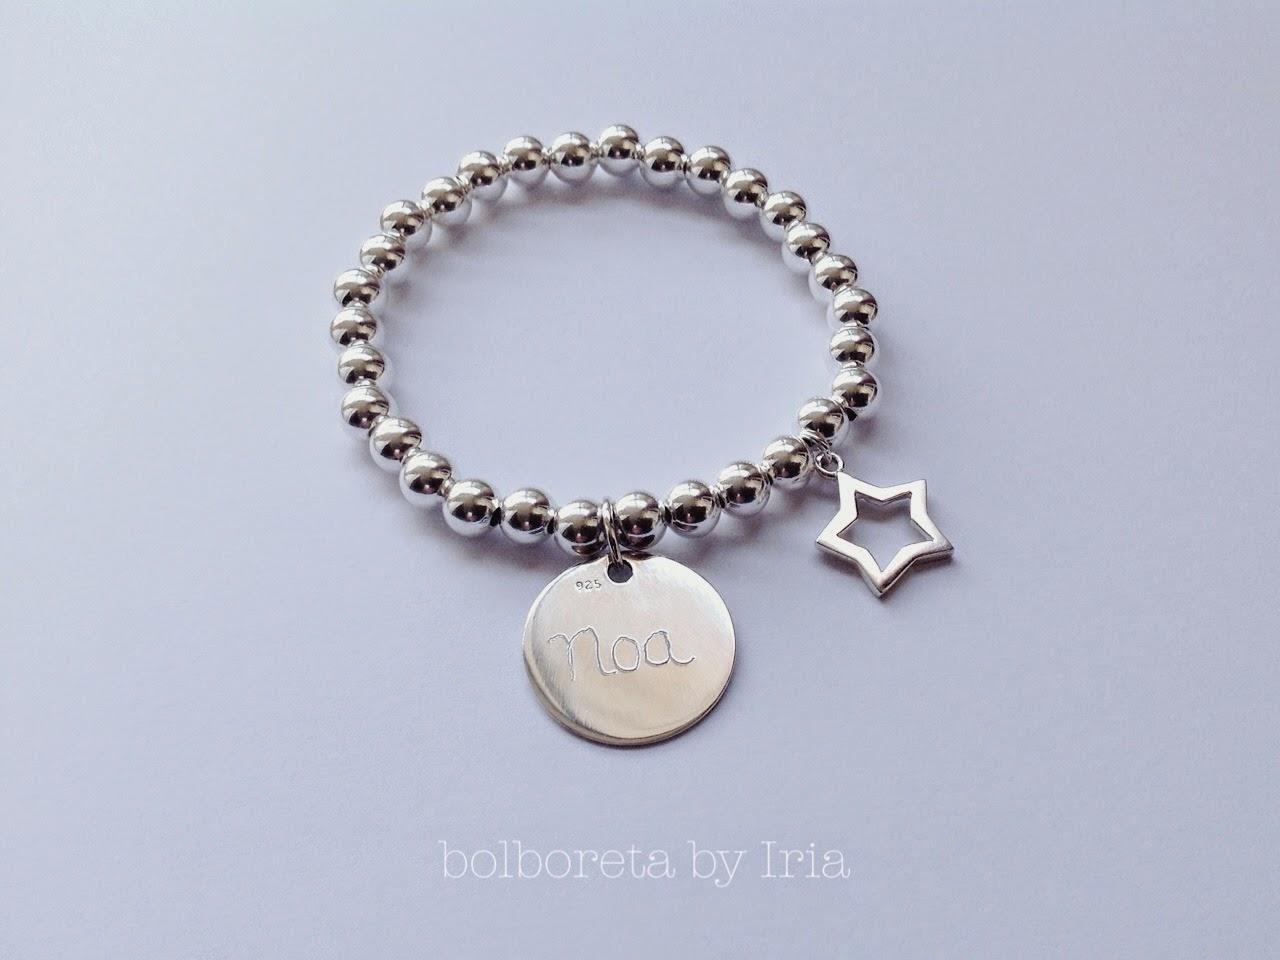 8a1d754c1601 Bolboreta by Iria (complementos)  Pulsera de bolas de plata